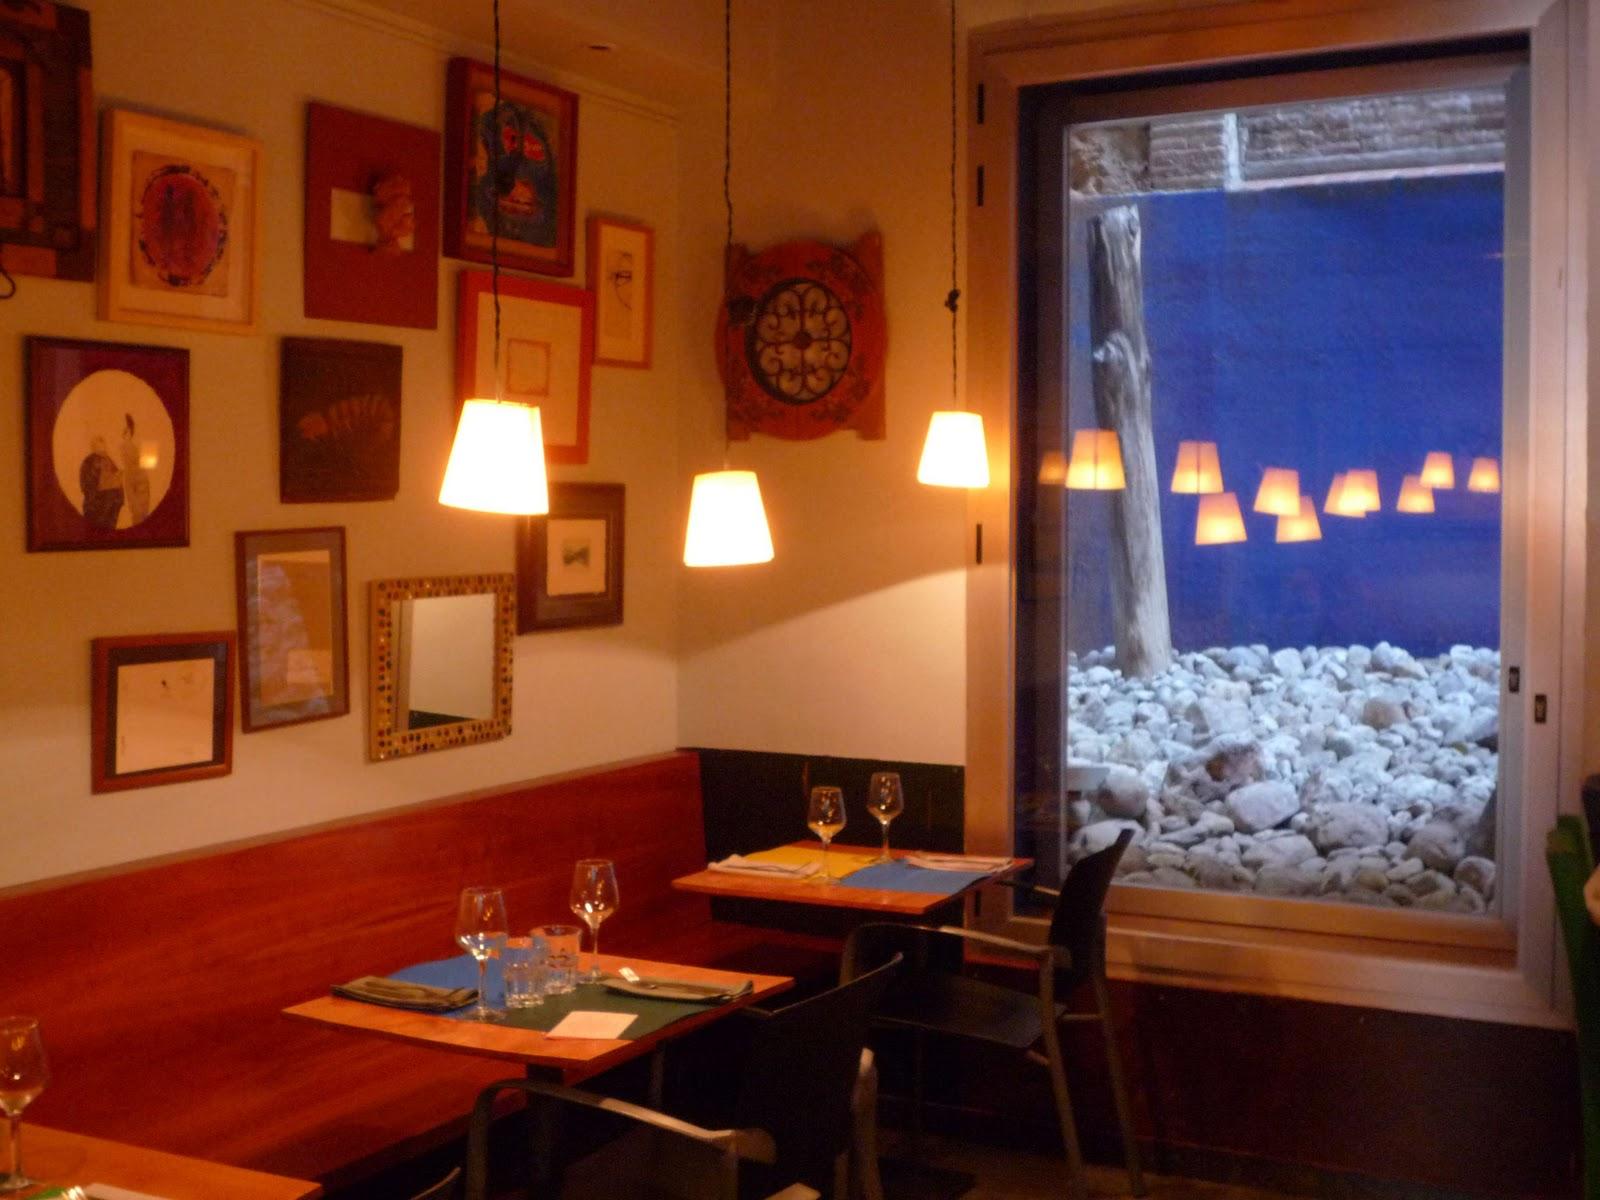 Mis restaurantes para recordar y olvidar restaurante pla - Restaurante semproniana barcelona ...